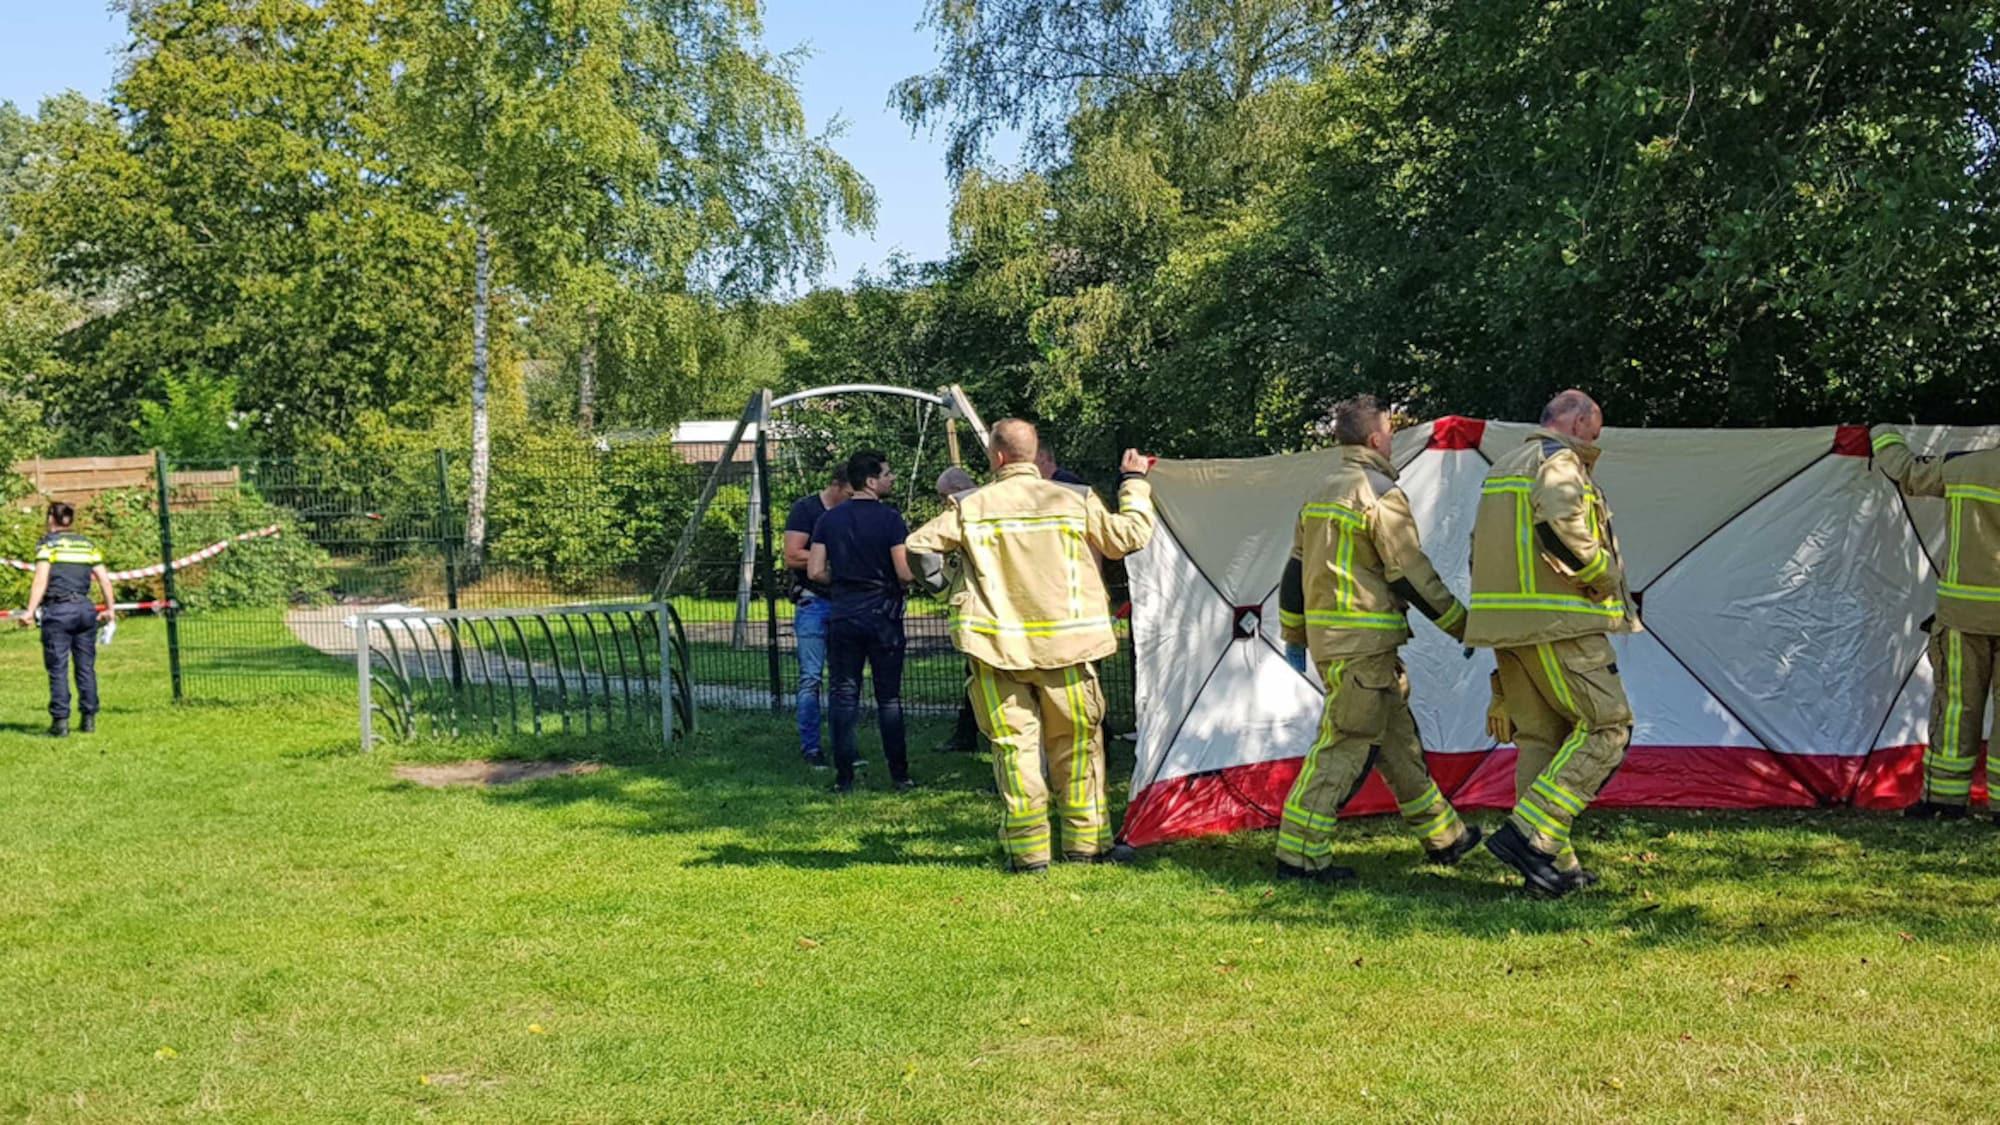 Selbstjustiz auf Spielplatz in den Niederlanden: Fünf Männer töten mutmasslichen Kinderschänder (†32)